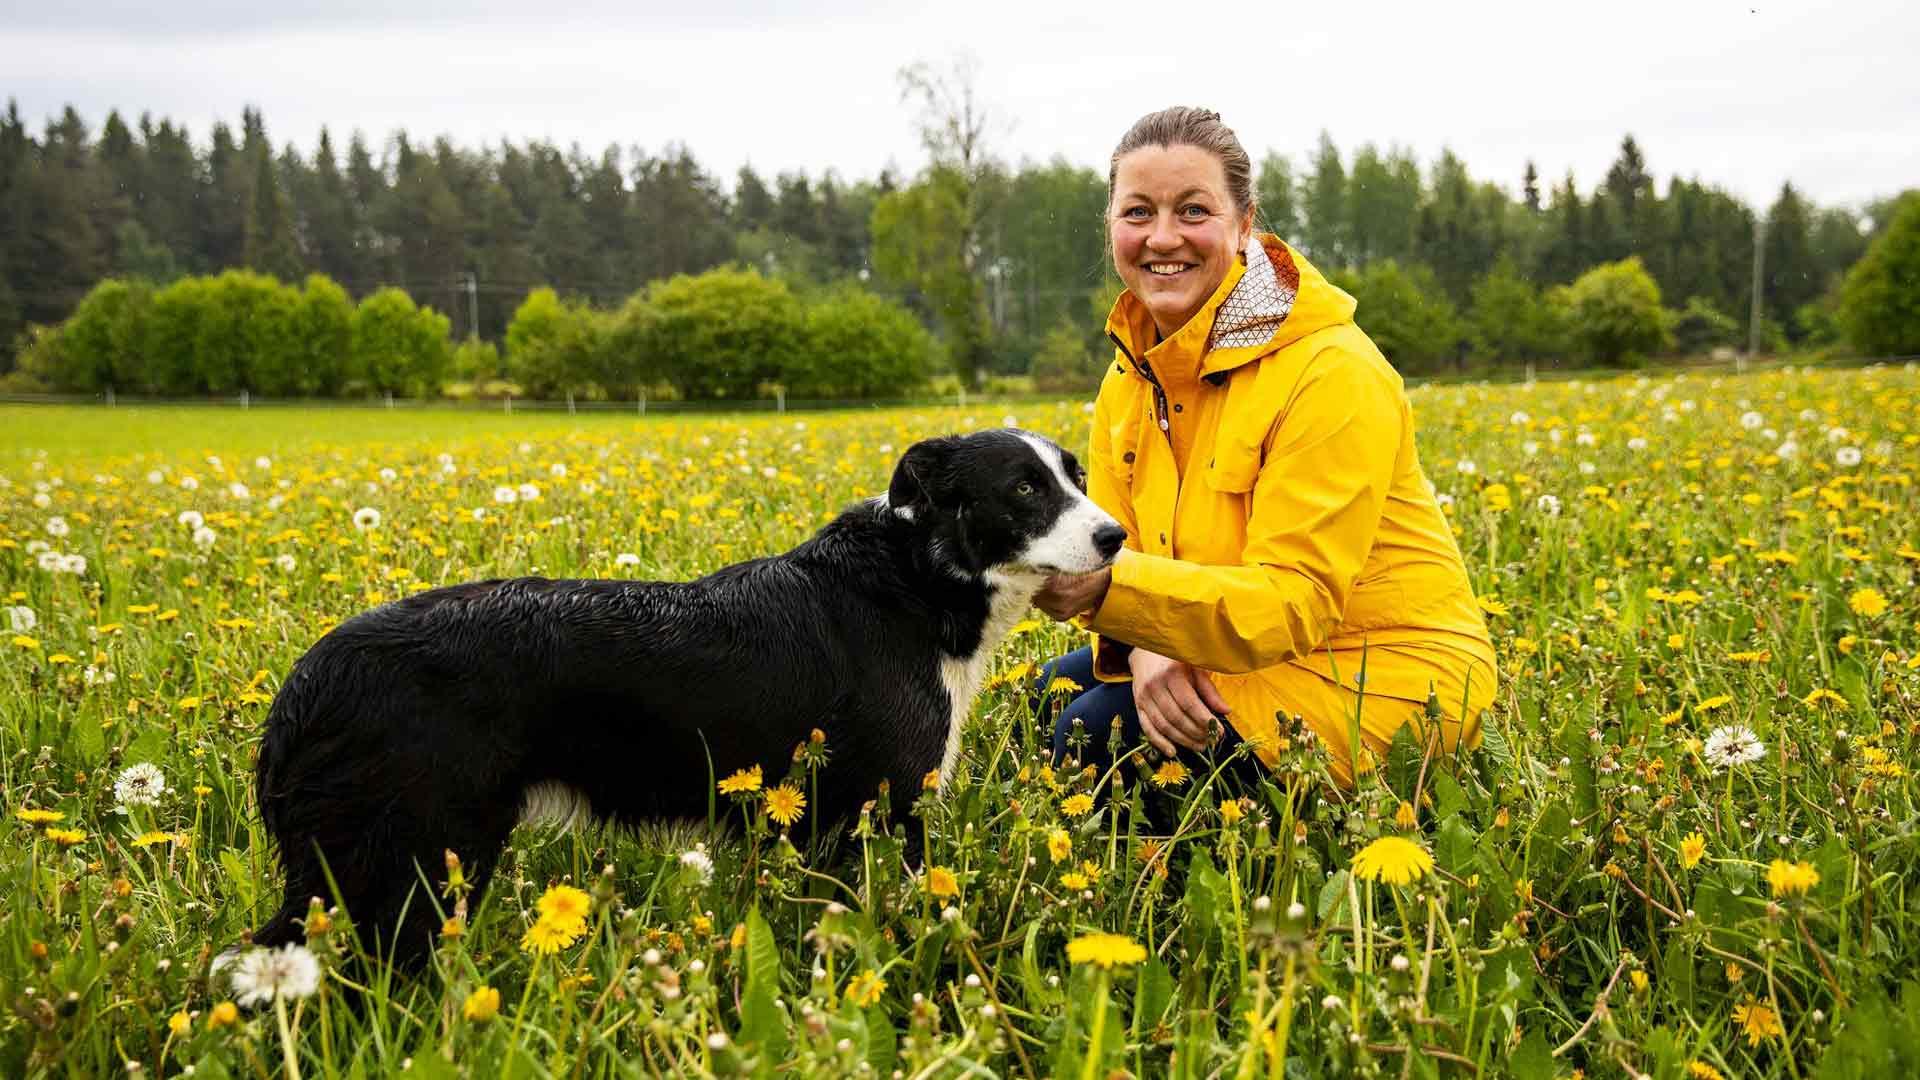 Tiisanmäen lammastilan emäntä Hanna Niskanen ja bordercollie Jimi ovat saumaton työpari.